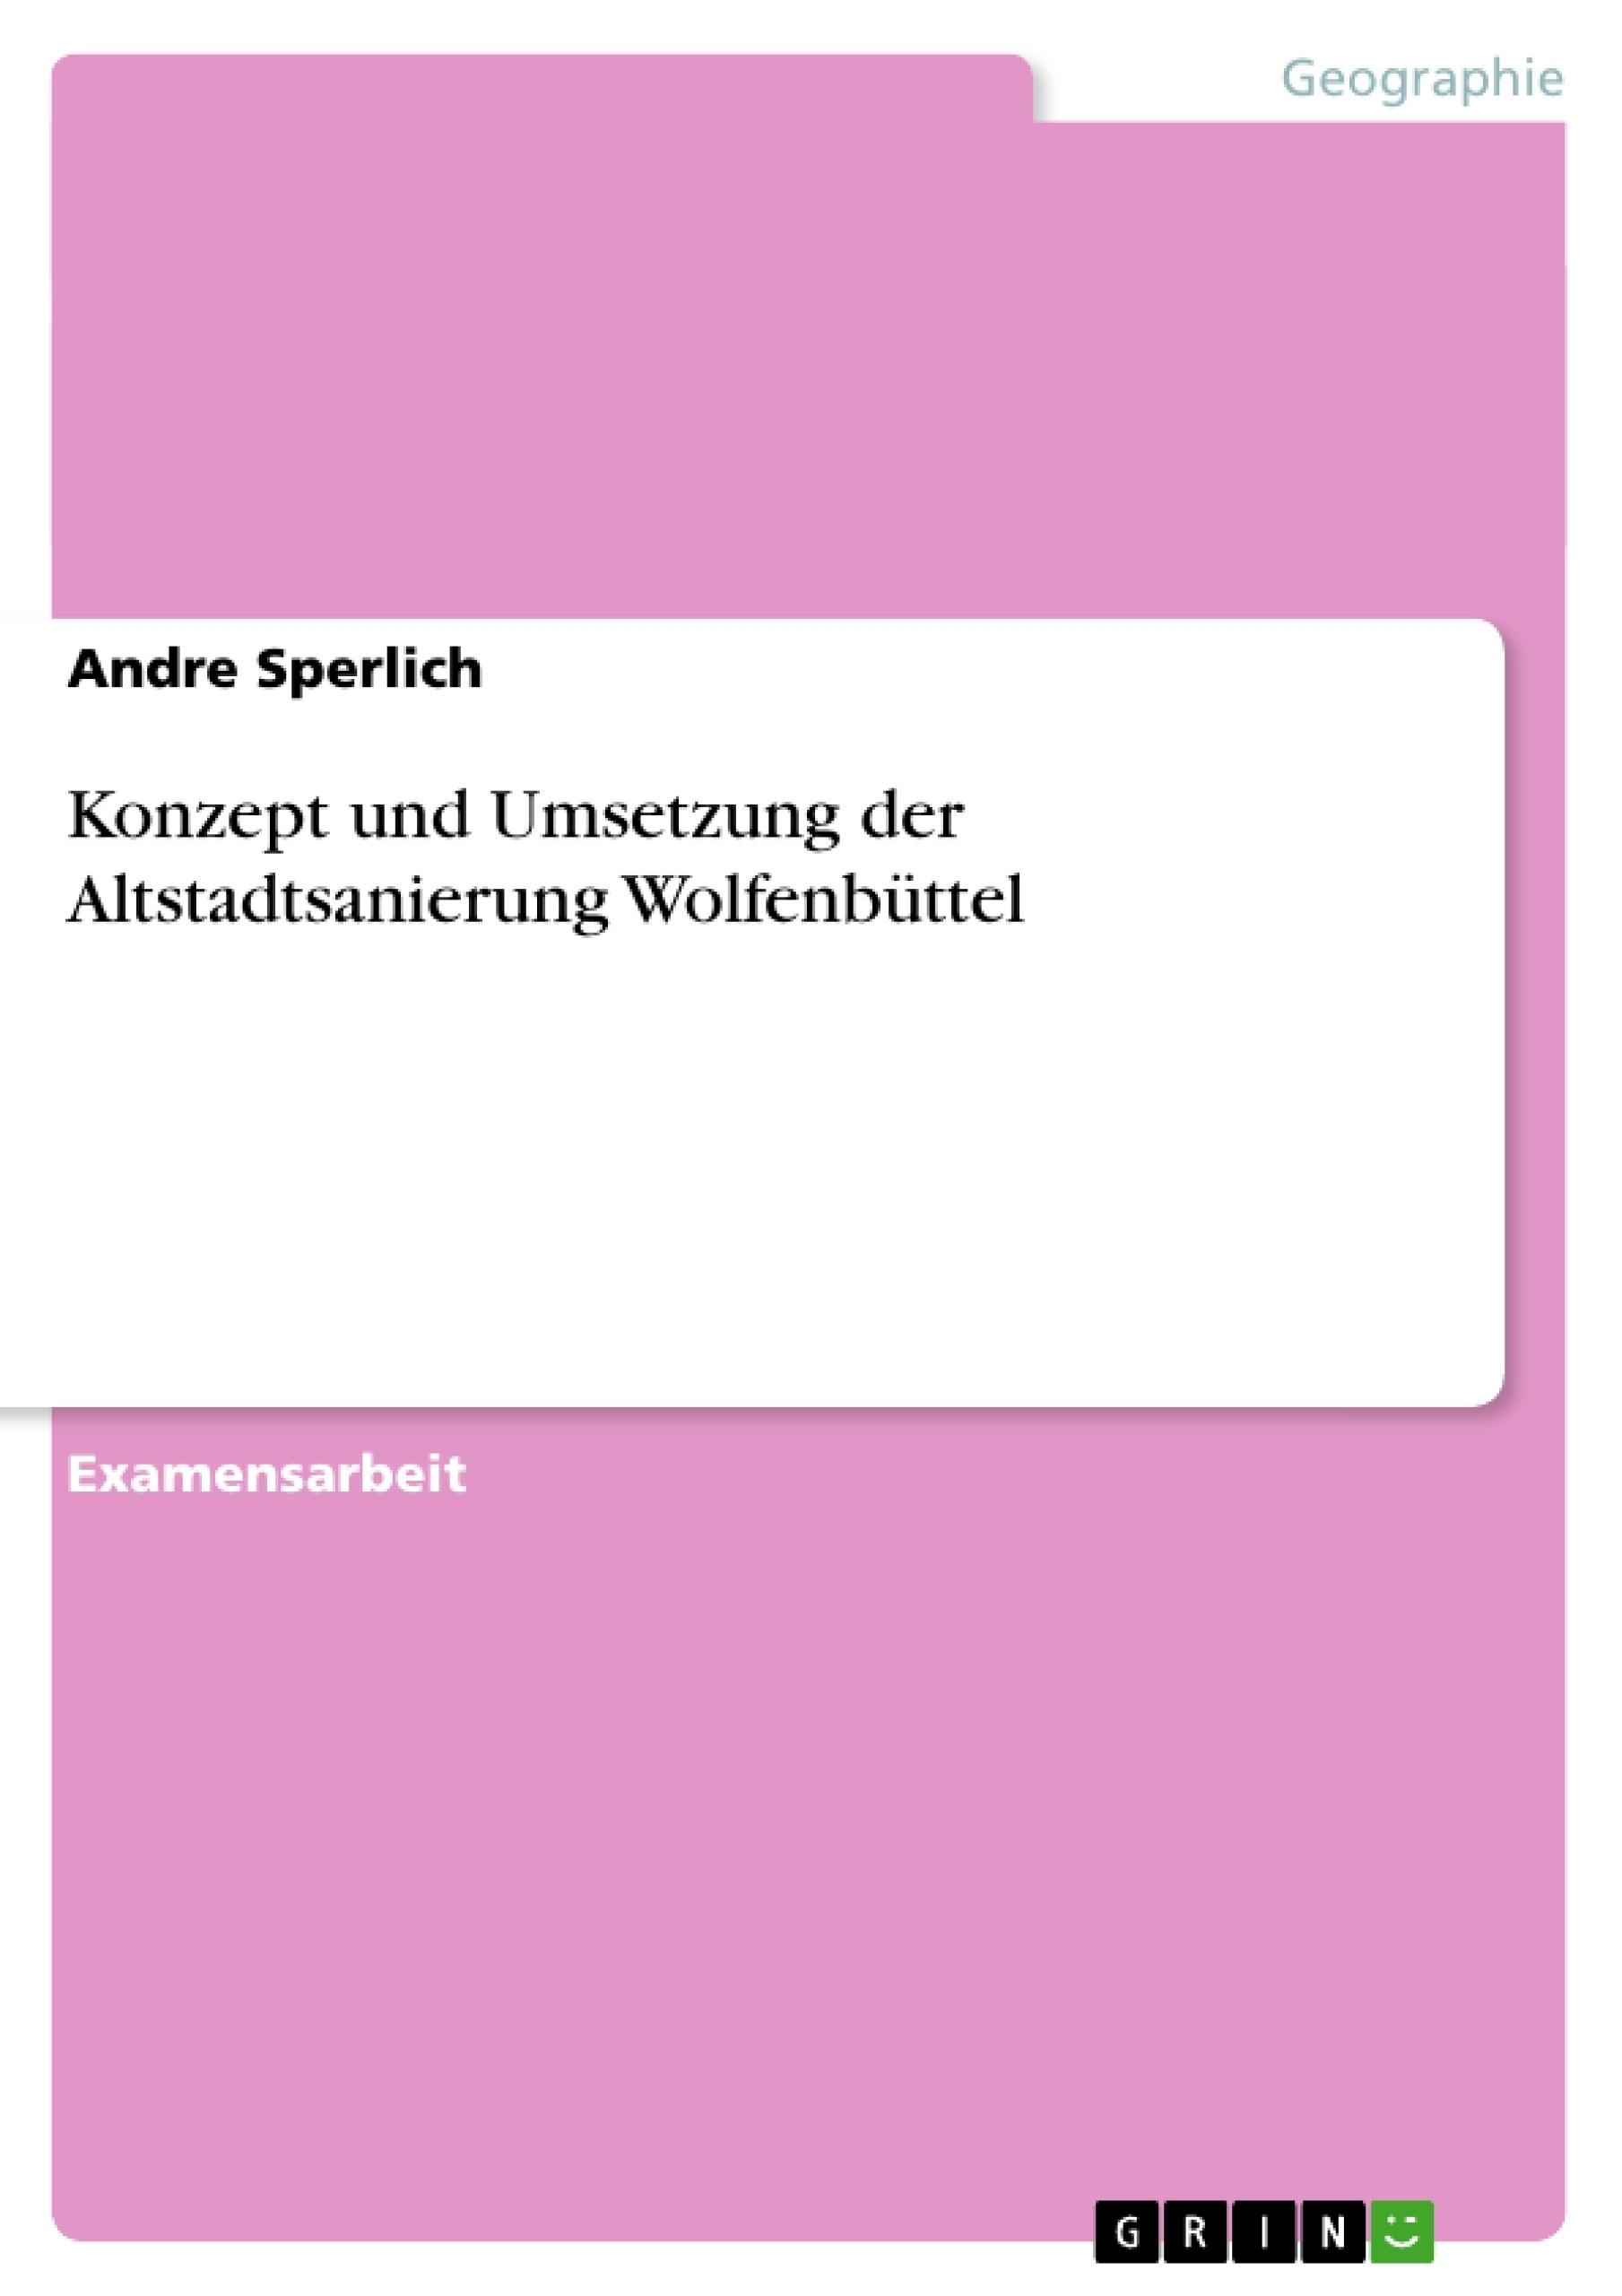 Titel: Konzept und Umsetzung der Altstadtsanierung Wolfenbüttel